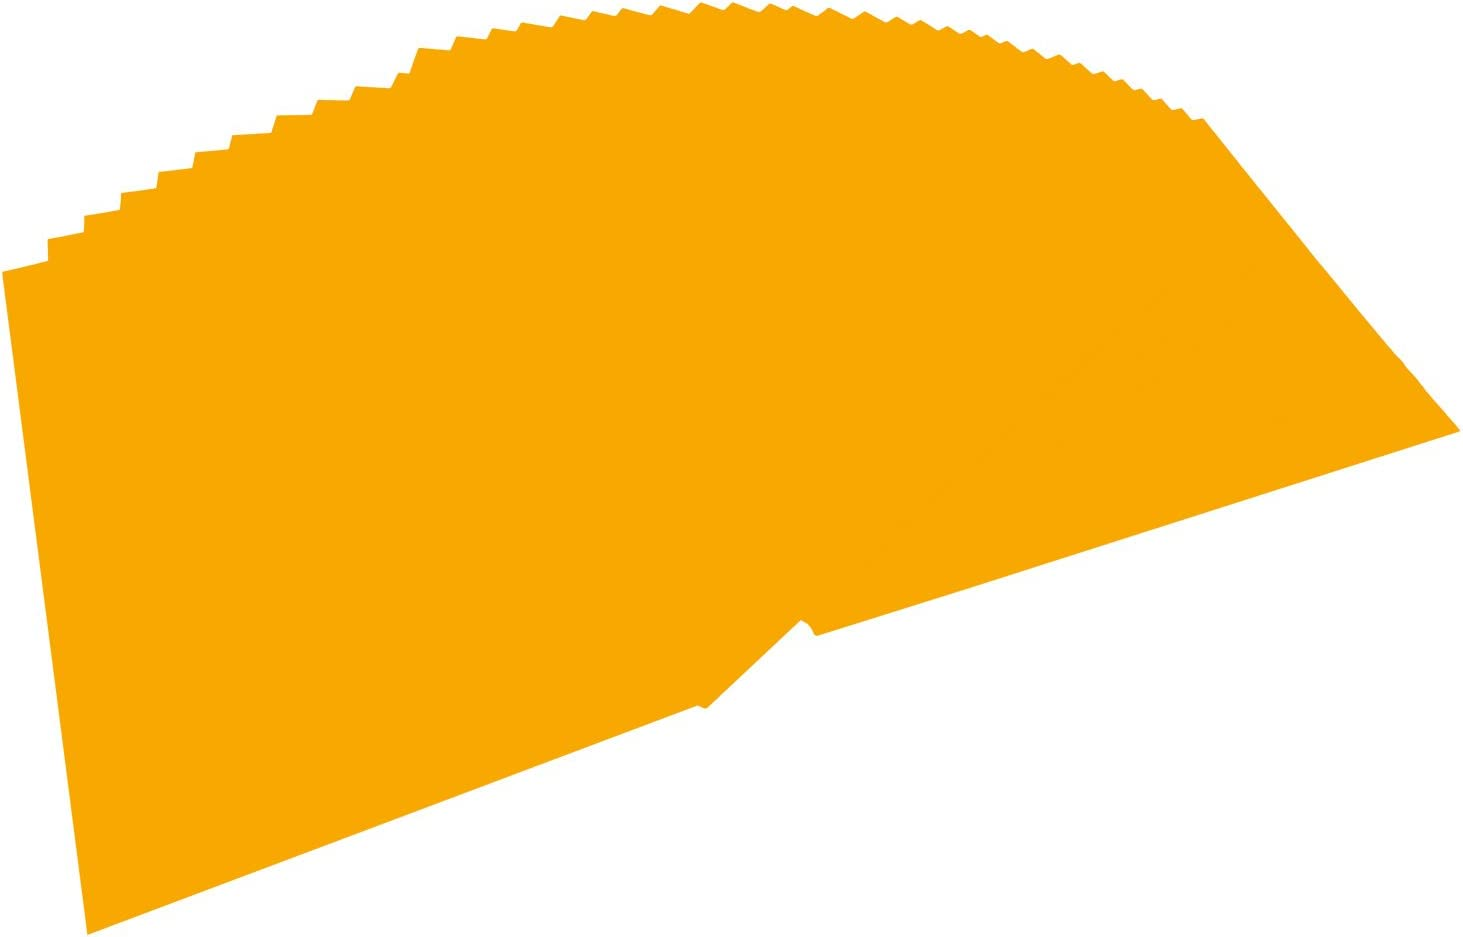 zum Basteln und kreativen Gestalten von Karten folia 614//50 25 Fensterbildern und f/ür Scrapbooking 50 Blatt 300 g//qm Fotokarton DIN A4 mint